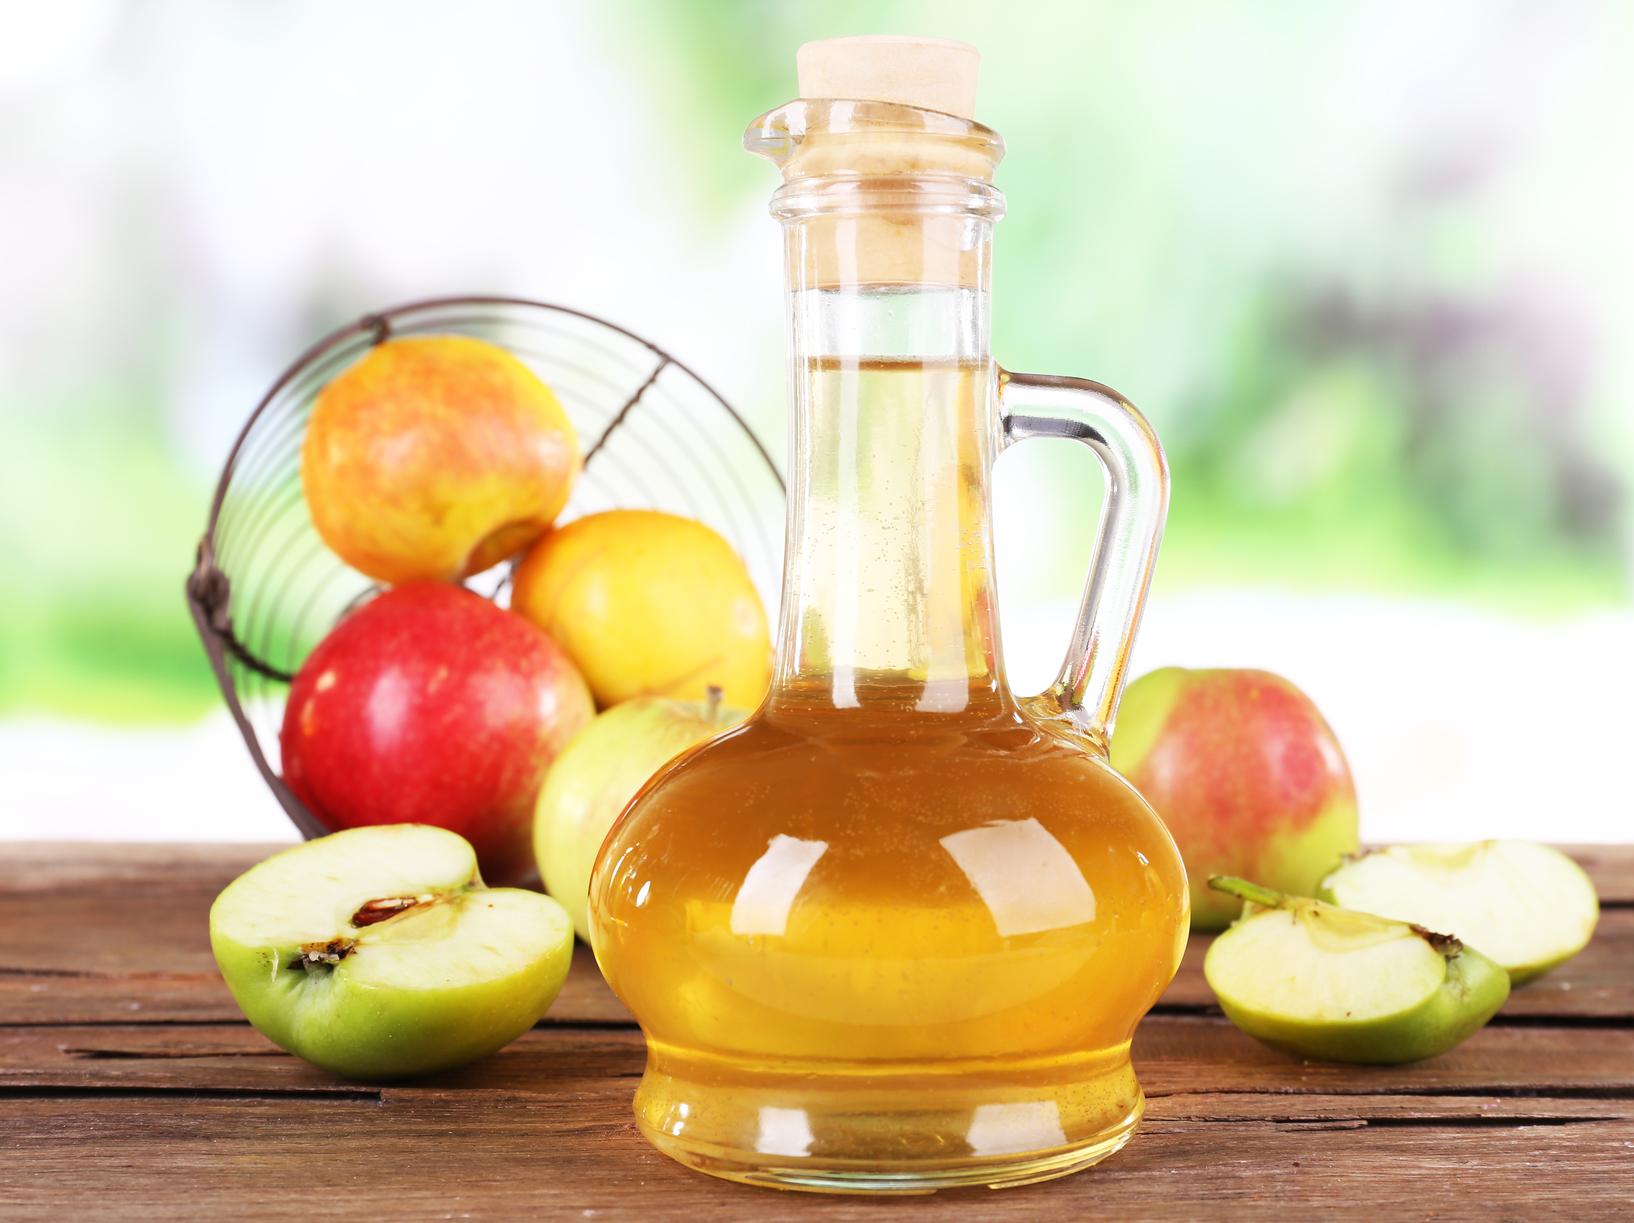 Рецепты для головы с яблочным уксусом